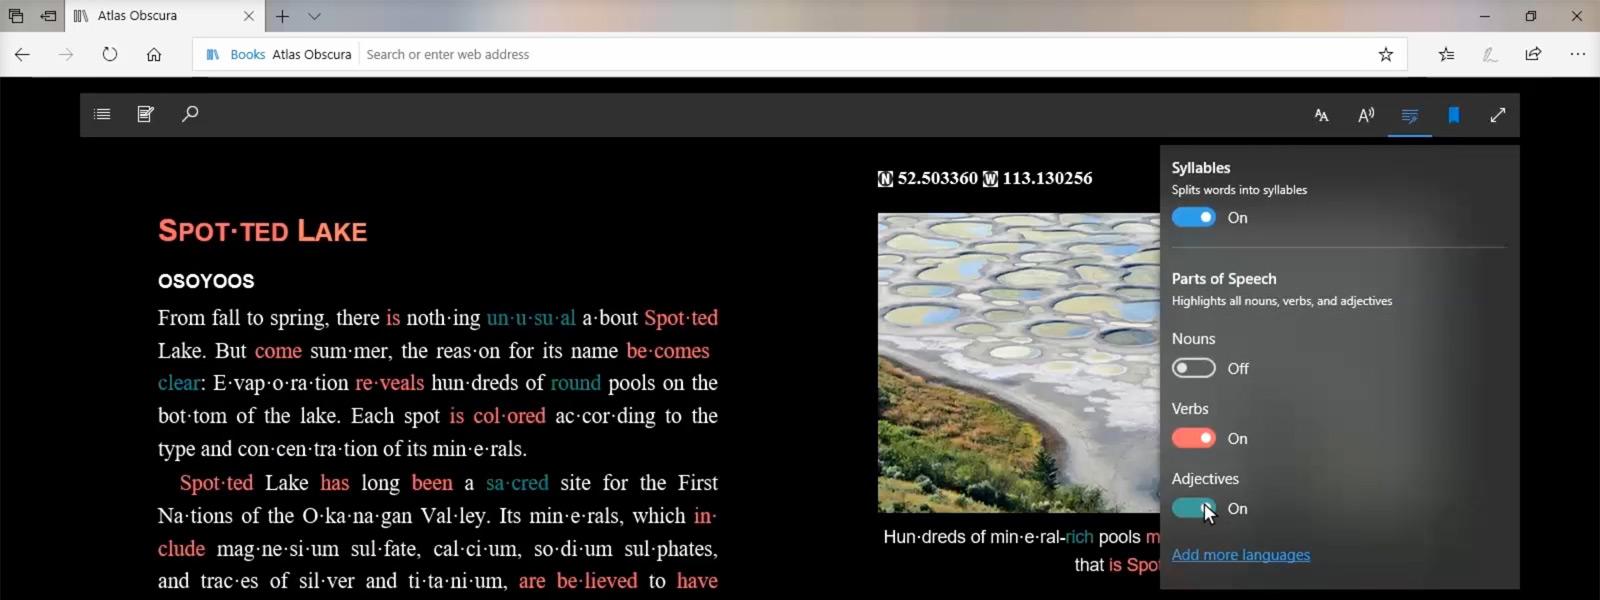 На экране изображены средства обучения, демонстрирующие функцию выделения существительных, глаголов и прилагательных на определенной веб-странице.